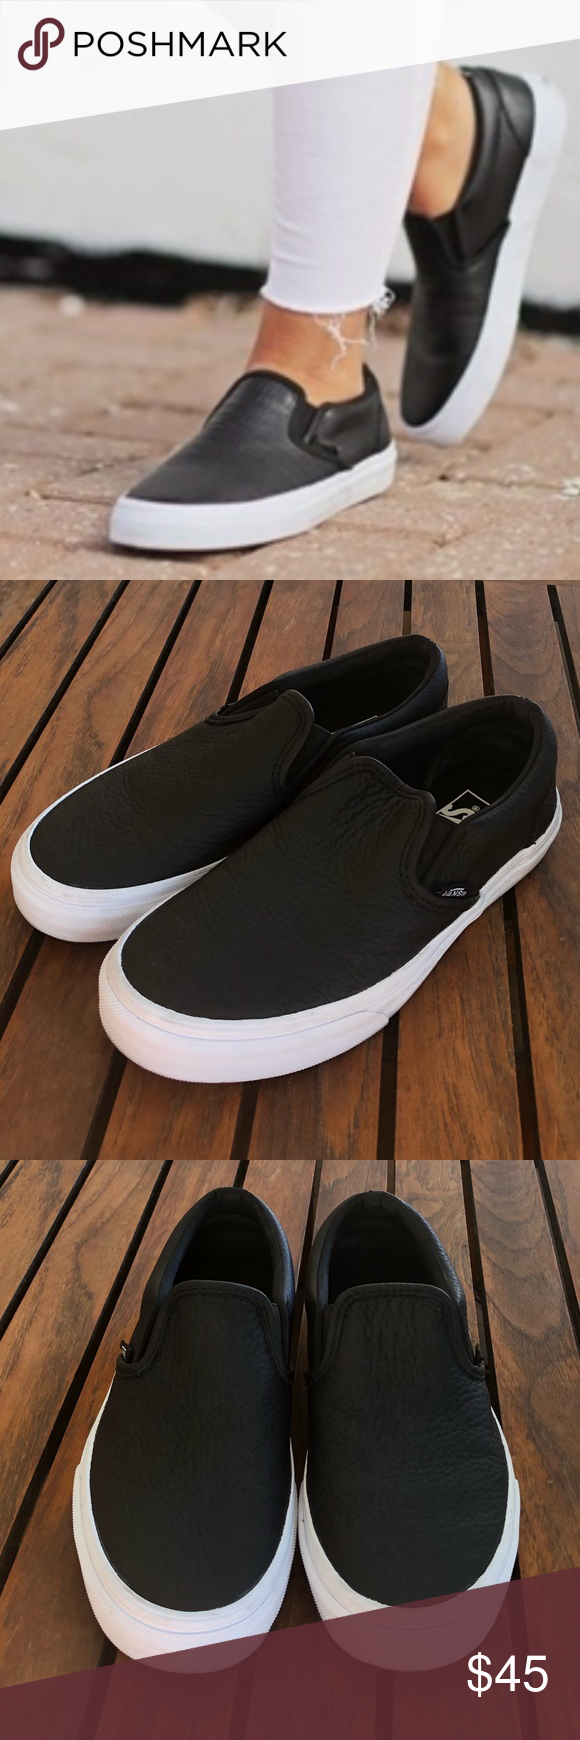 Vans Slip-On Black Tumbled Leather